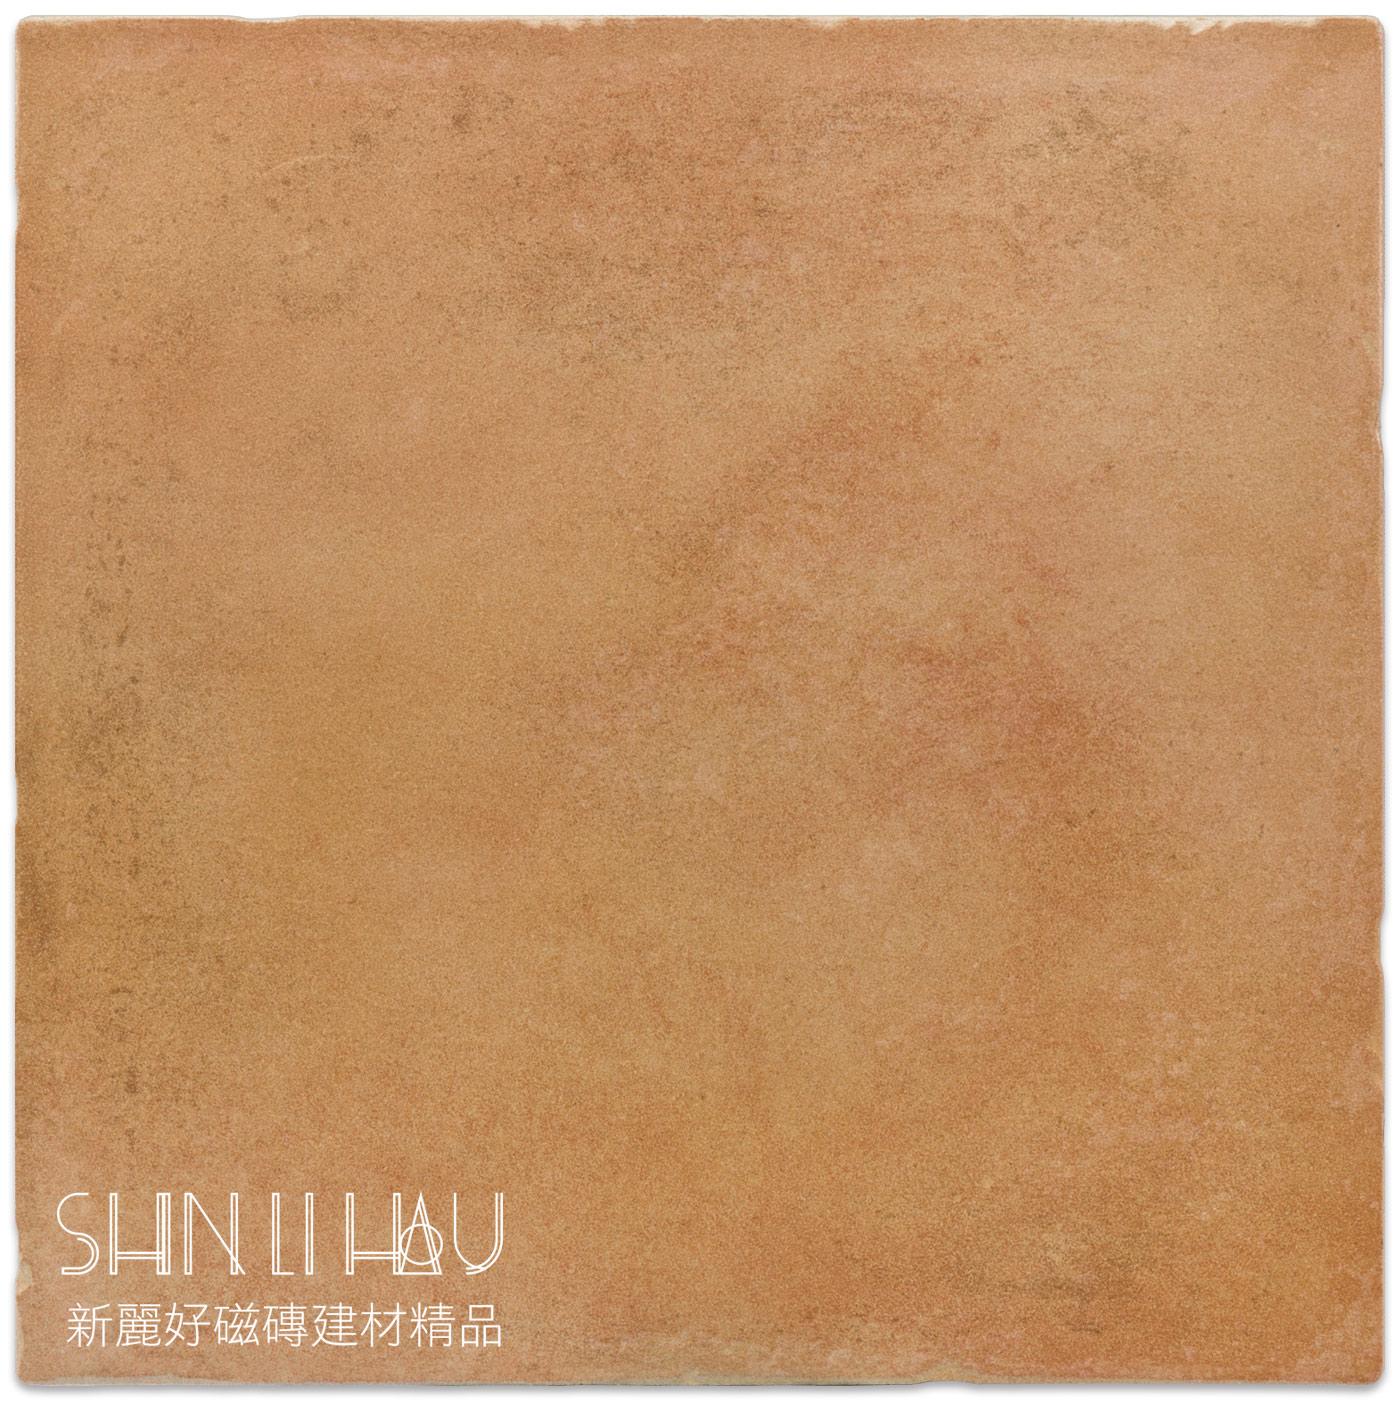 [每坪特價2660元]義大利窯變復古石英磚30.5cm-義大利進口超激安 - 陽光紅